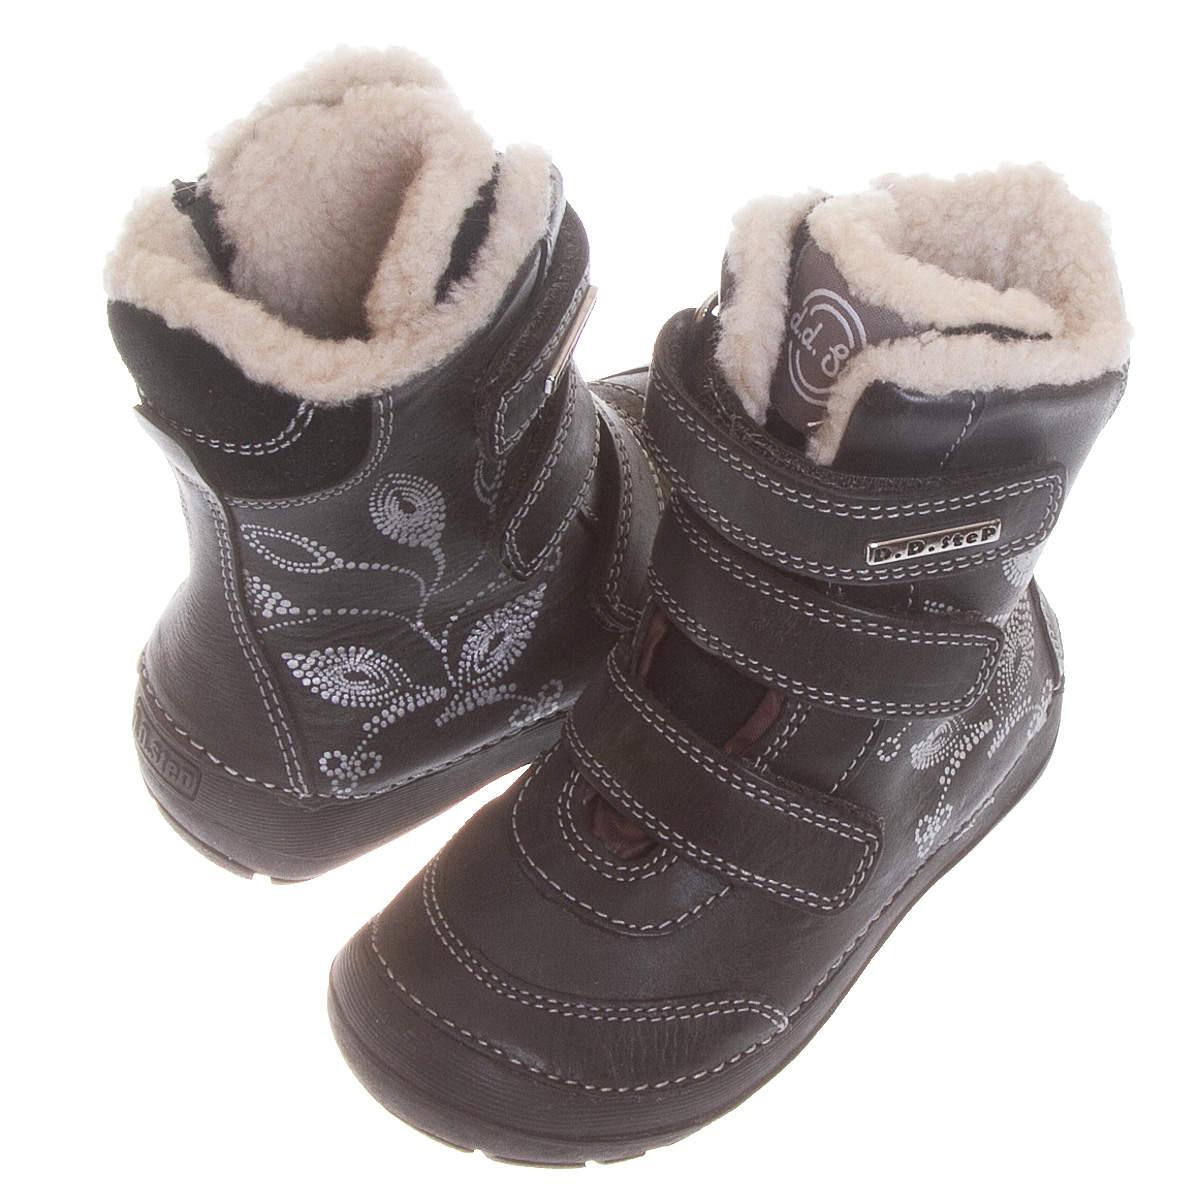 0cfbff056e4065 Шкіряні чобітки D. D. Step 023-320 М чорного кольору купити в ...